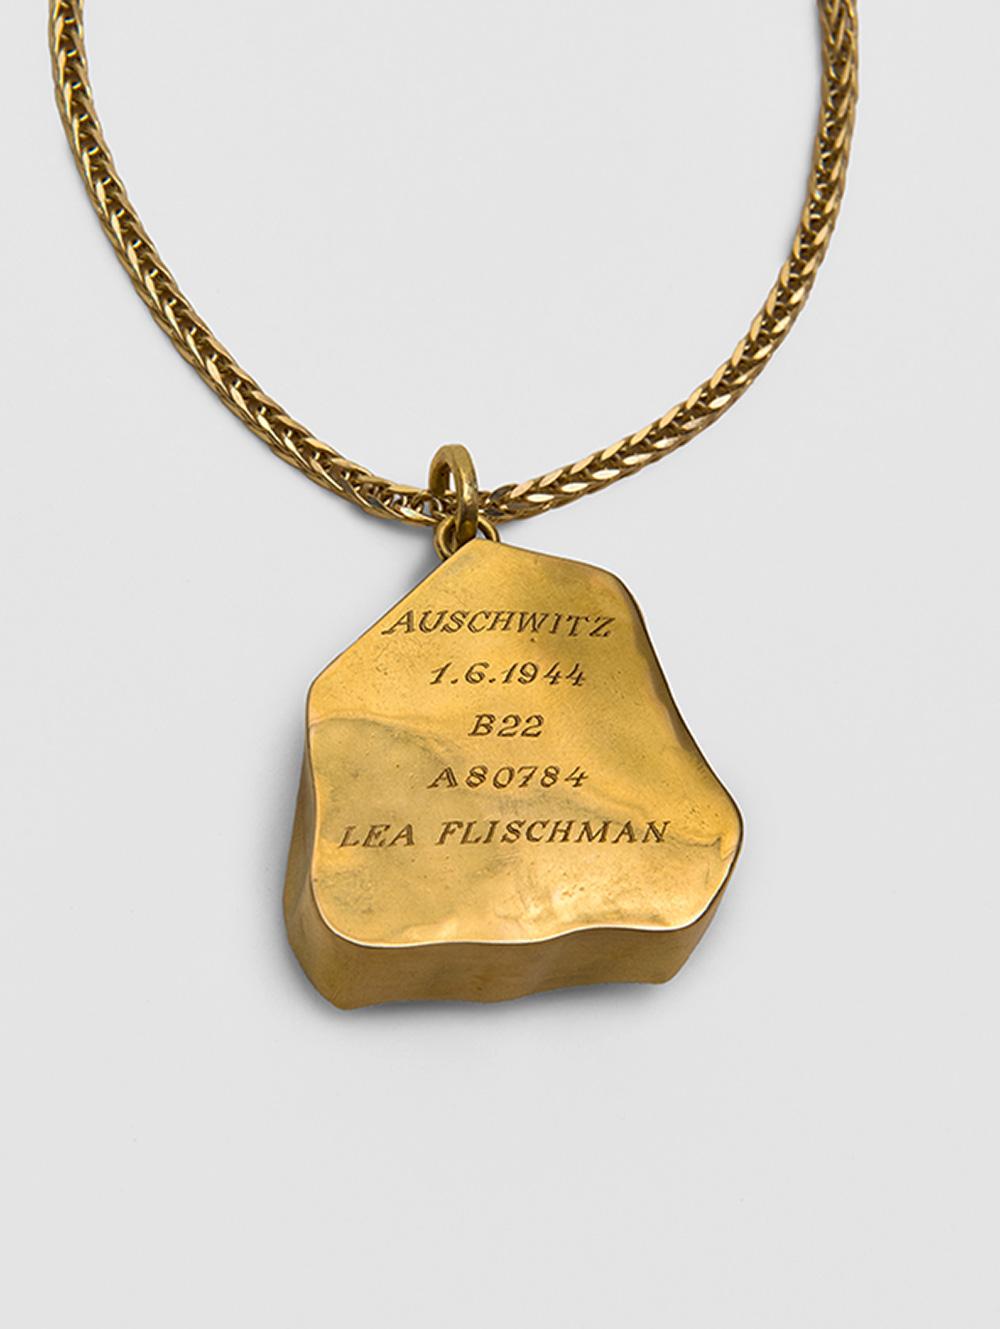 על מעטפת הזהב חרטה וולף ביד-אמן את פרטי הזמן והמקום